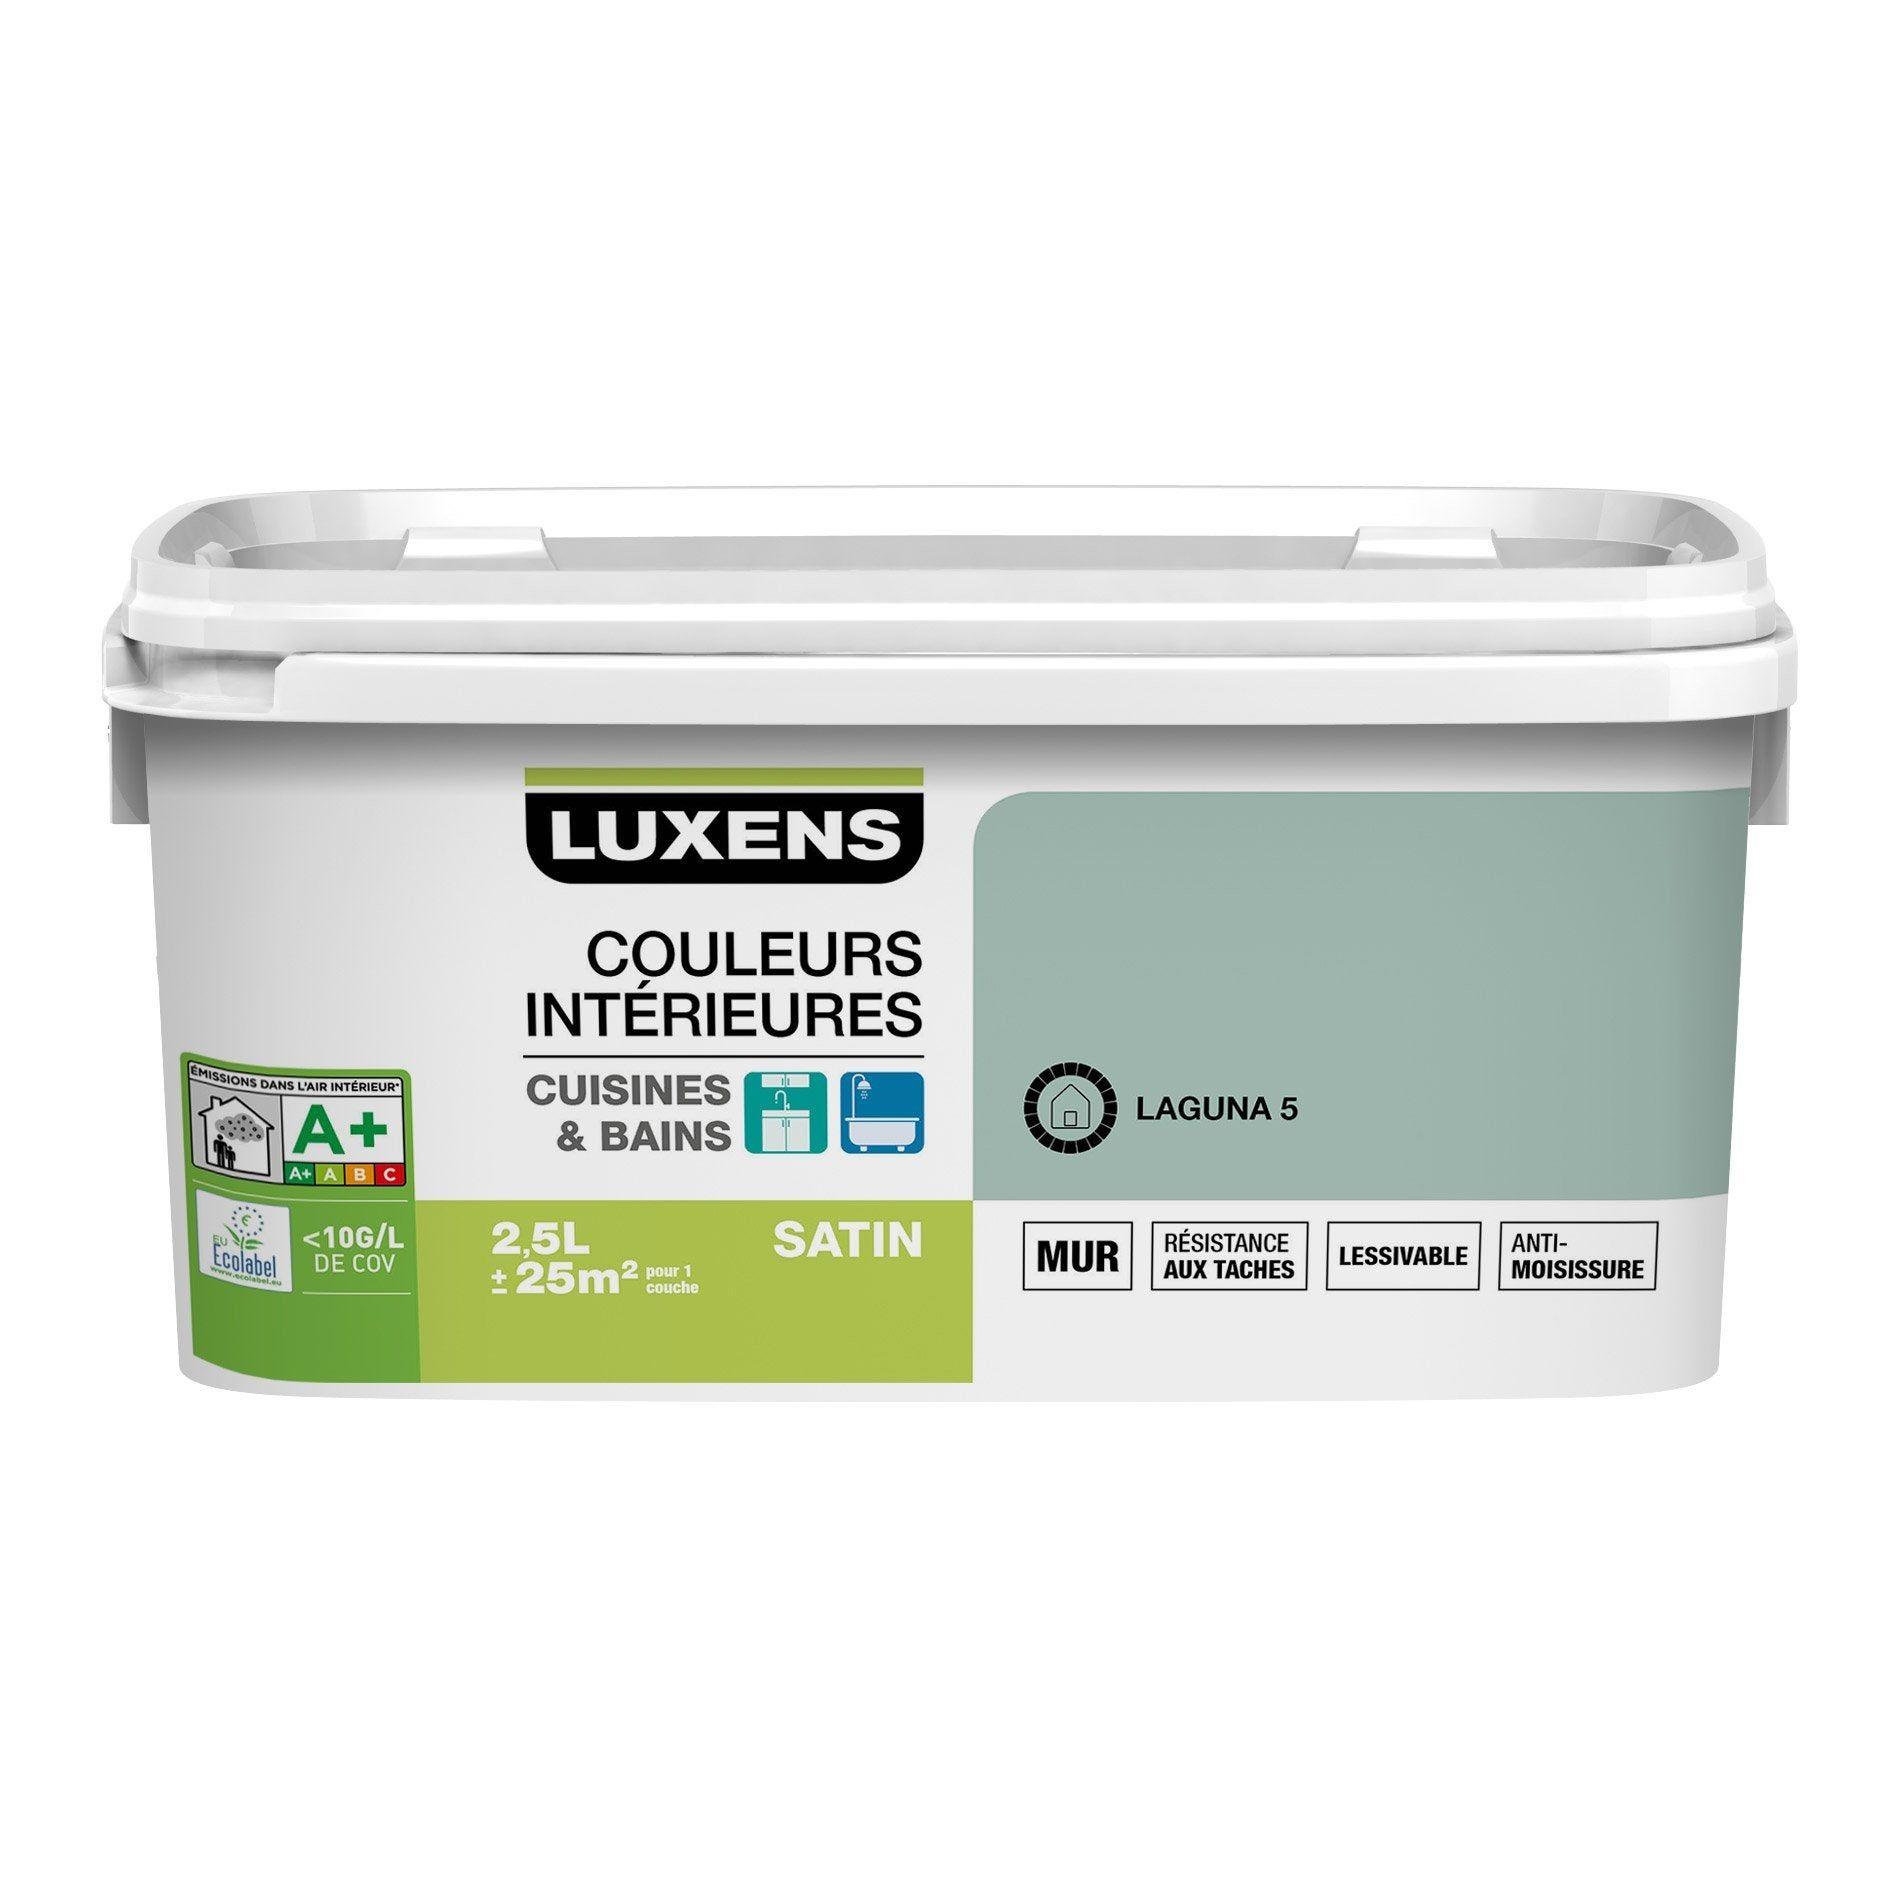 Peinture Couleurs Interieures Luxens Lagon 5 2 5 L Couleur Interieure Peinture Murale Cuisine Couleur Gris Taupe